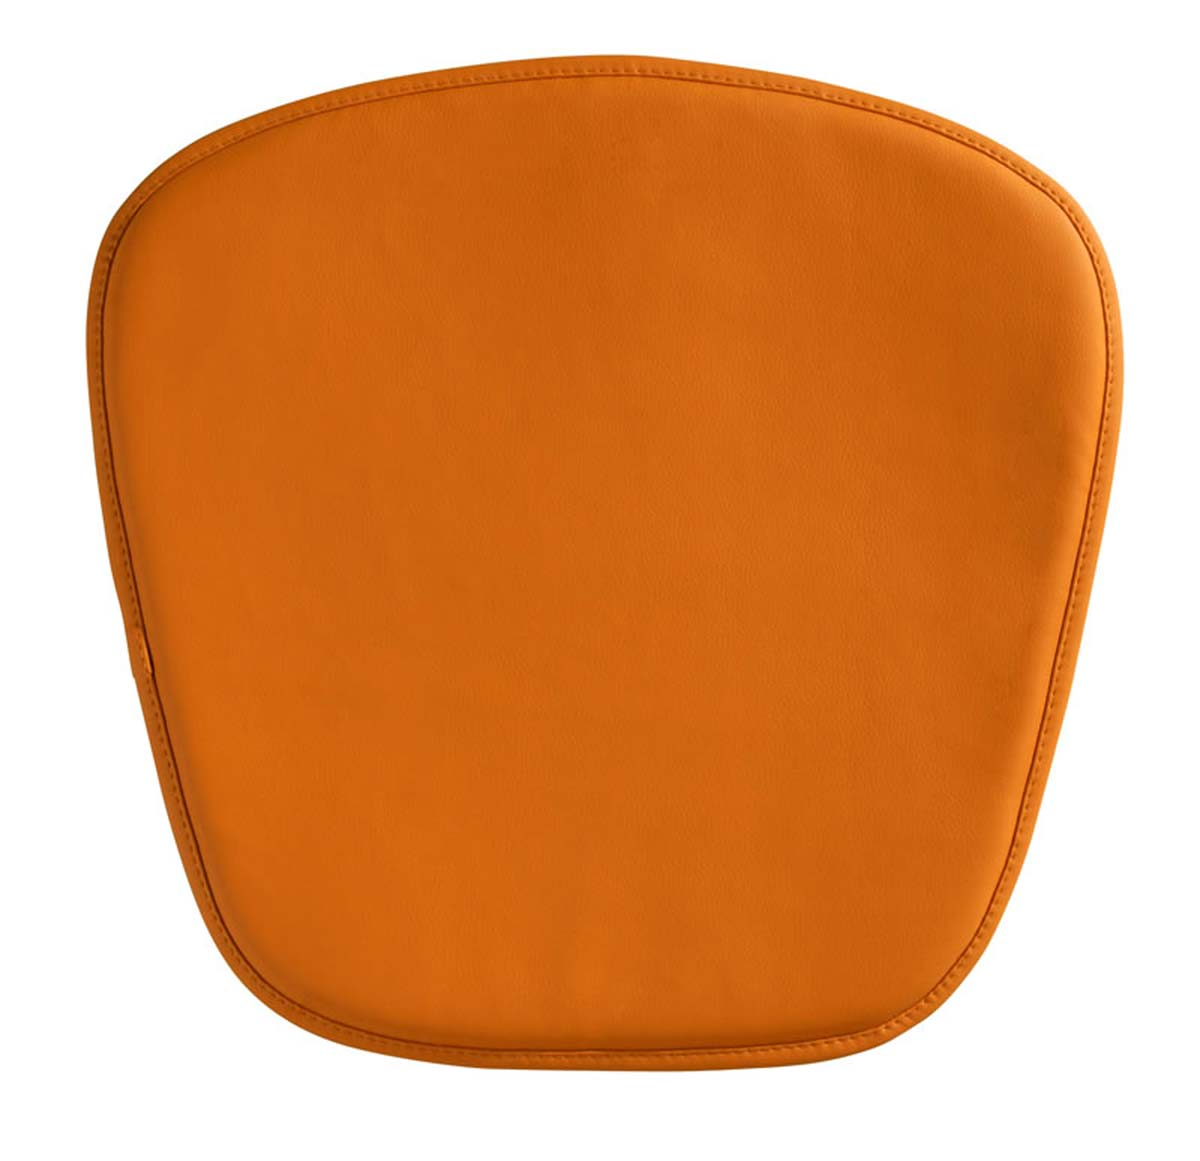 Zuo Modern Wire/Mesh Cushion - Orange